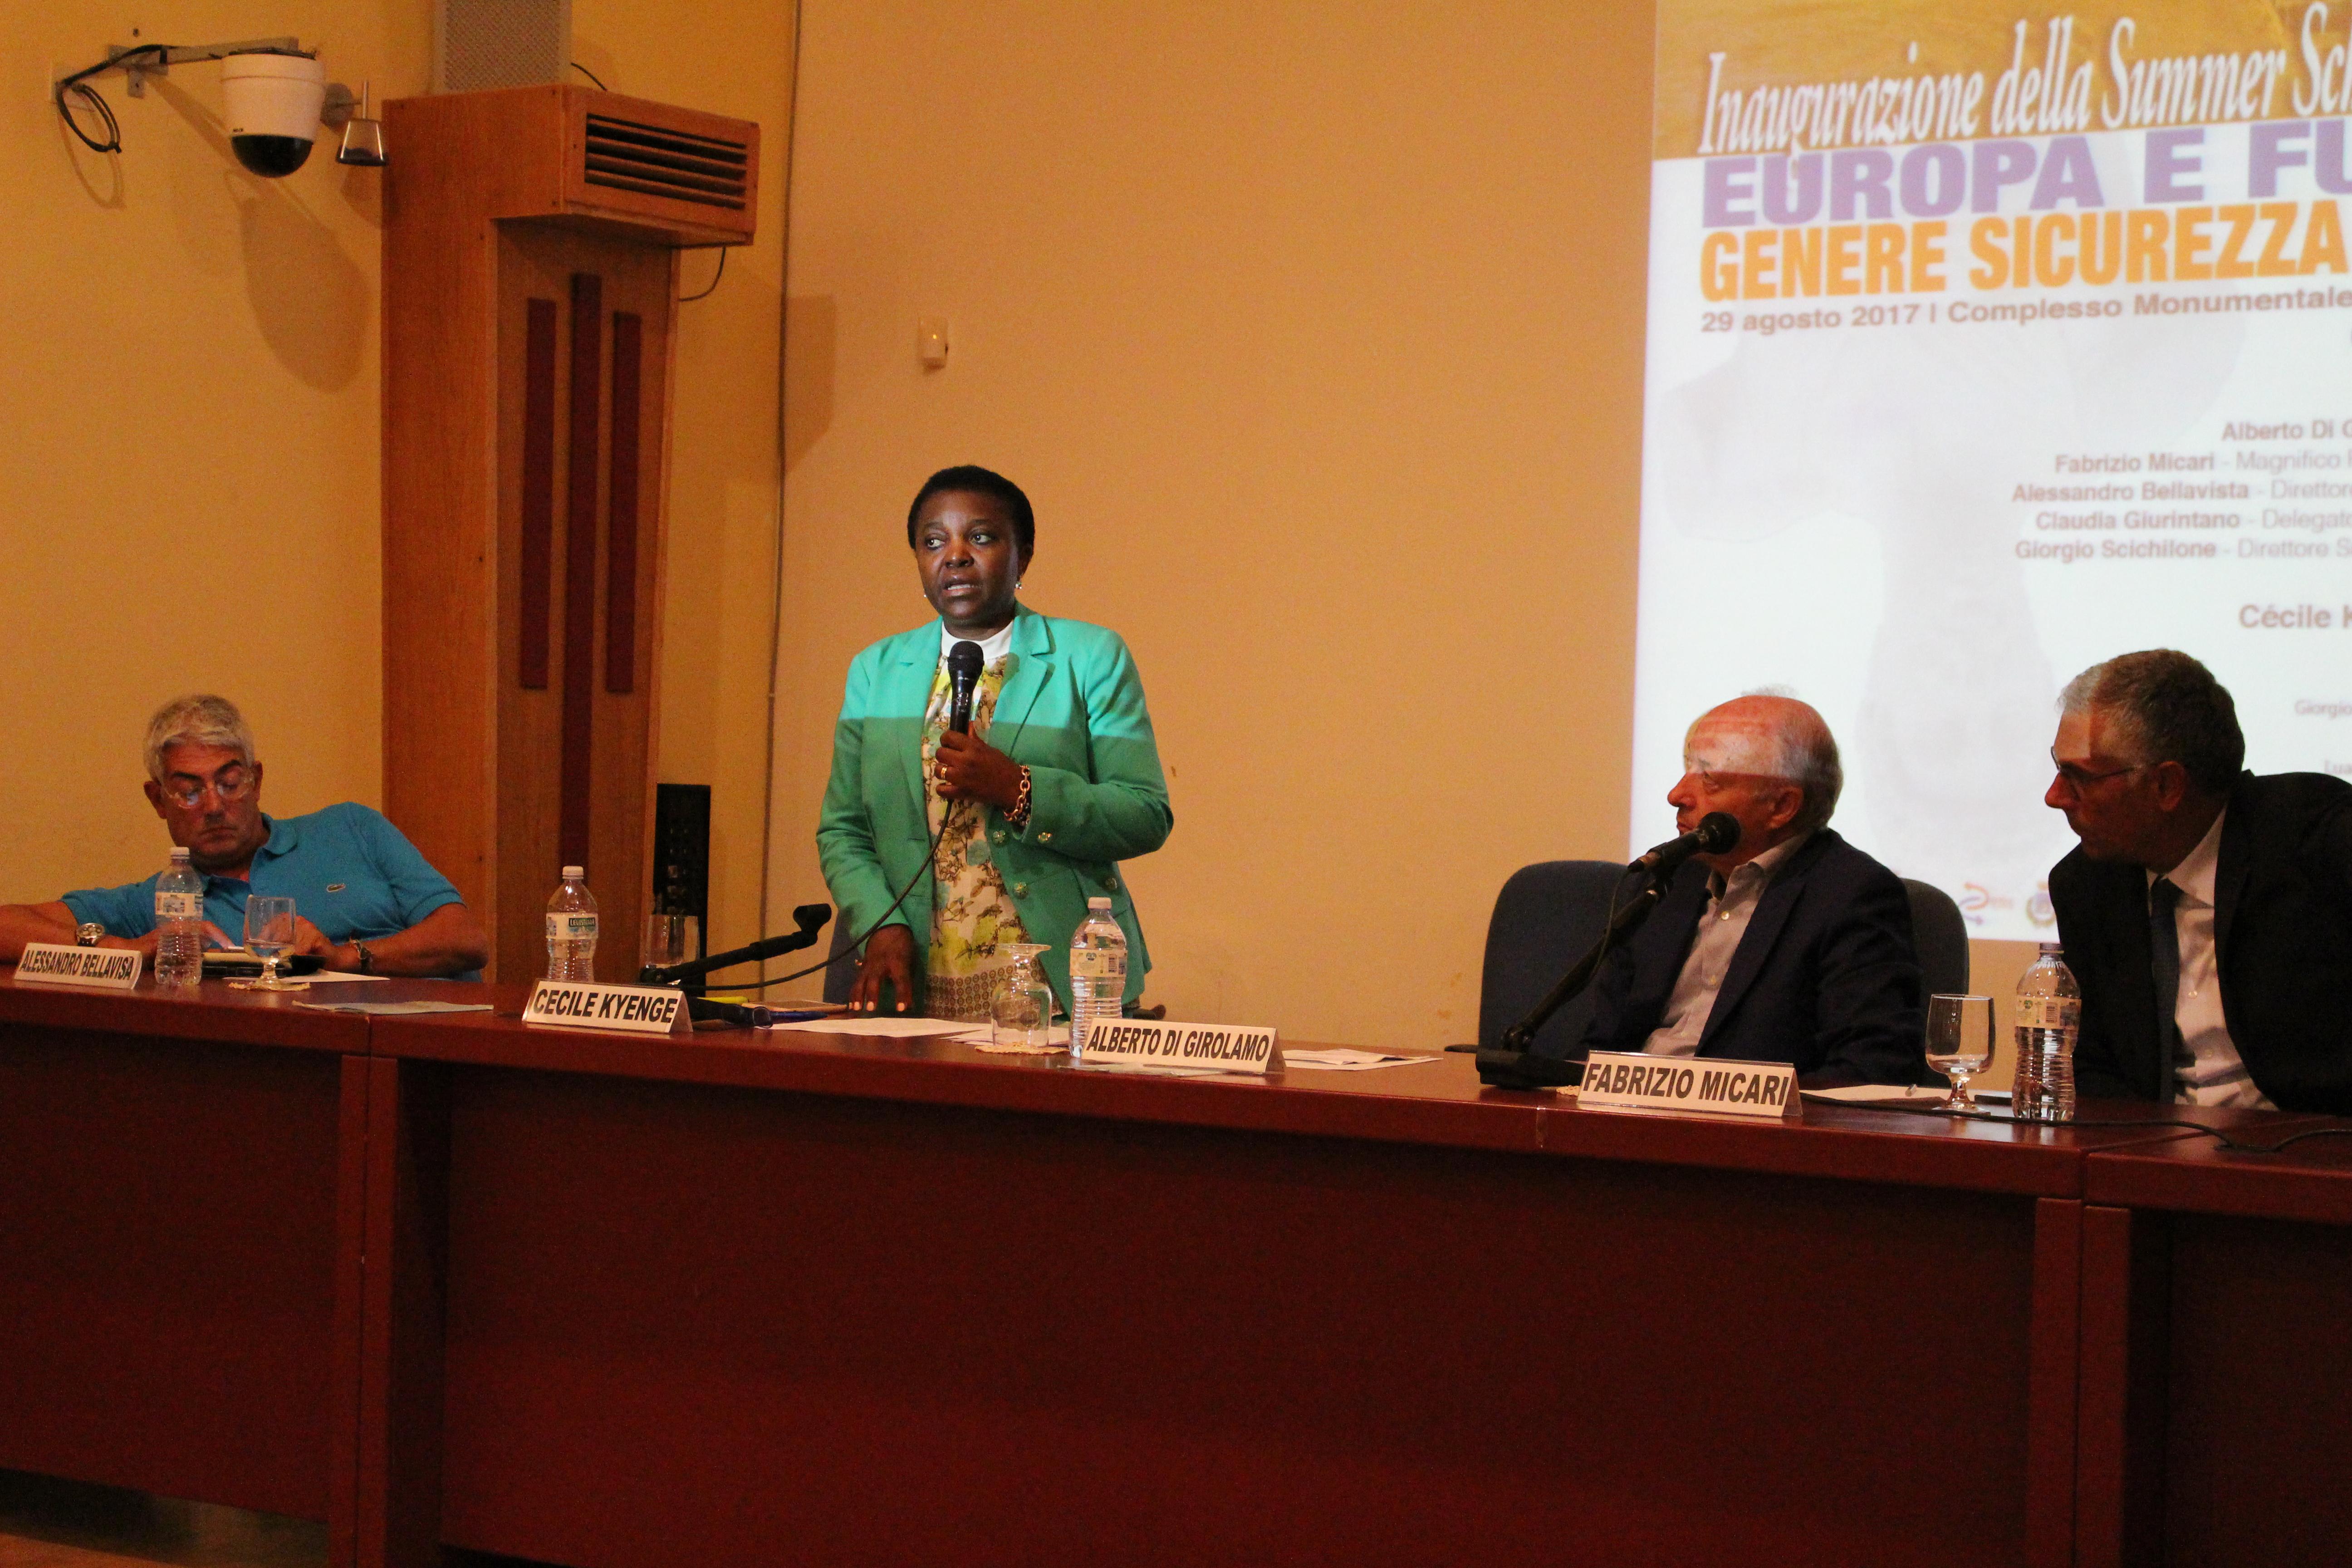 Cecile Kienge Summer School Marsala